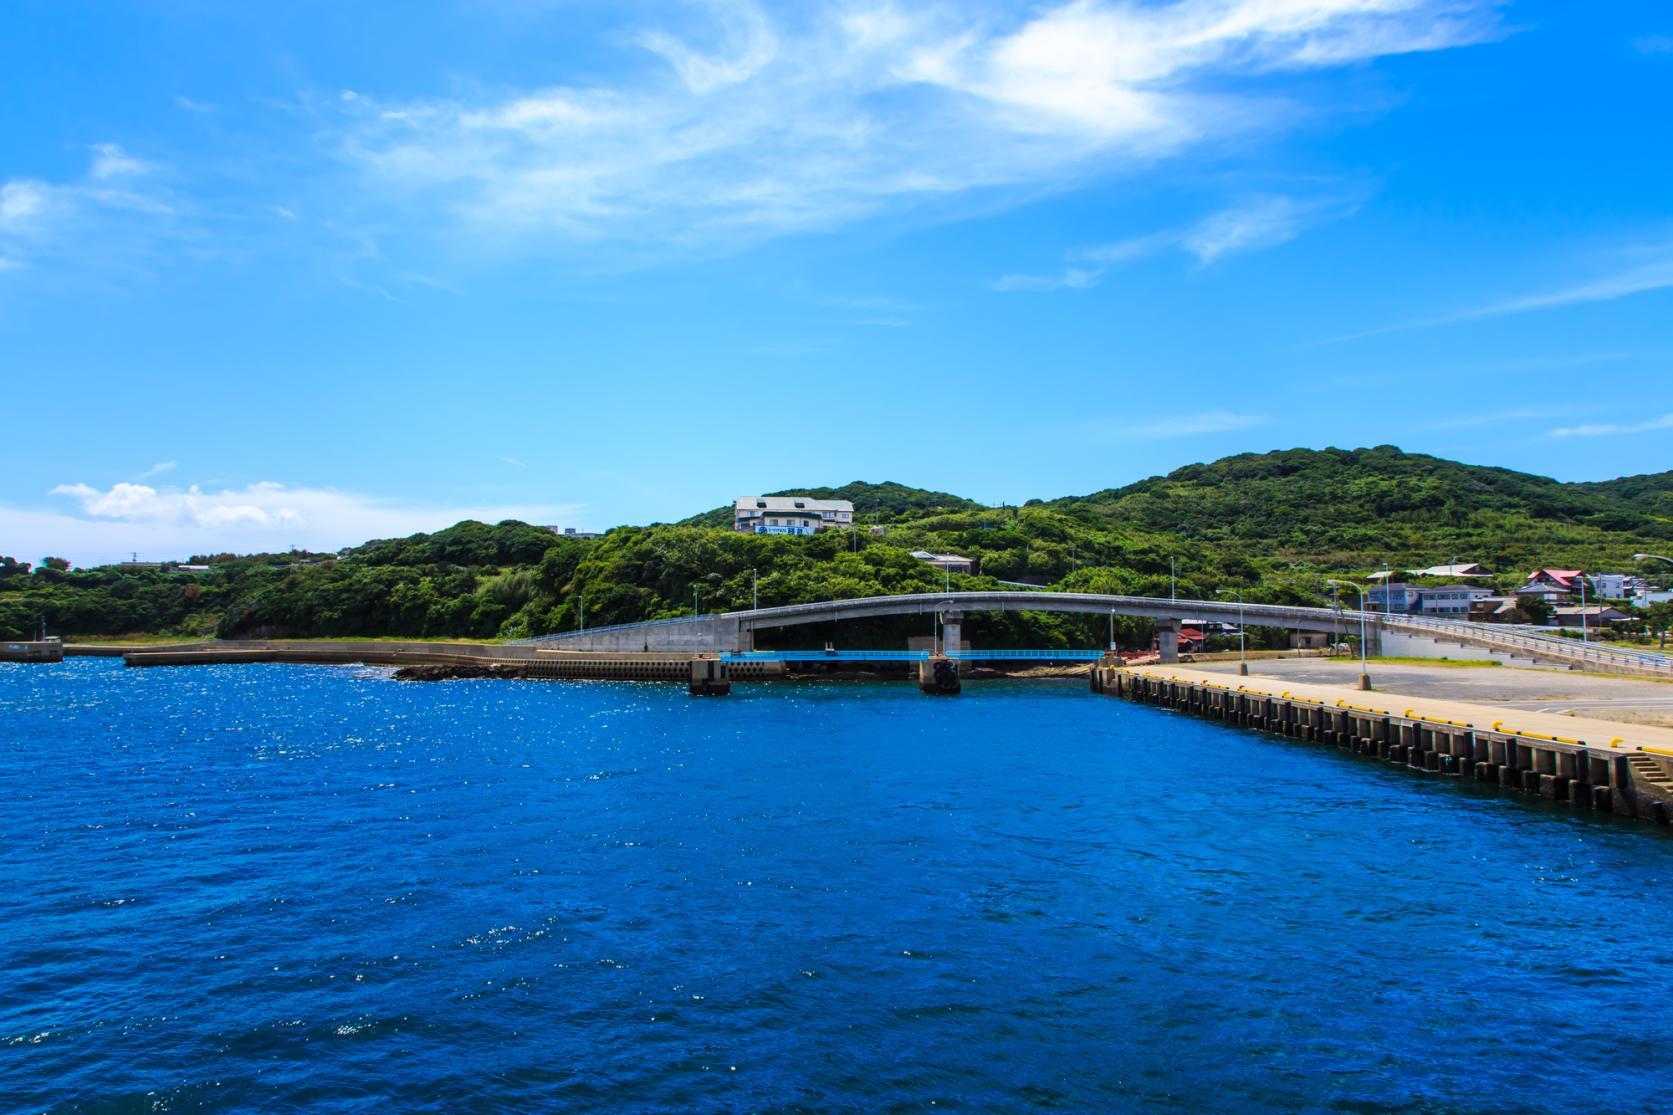 宇久島へのアクセスは佐世保港出発が一番早い!-1